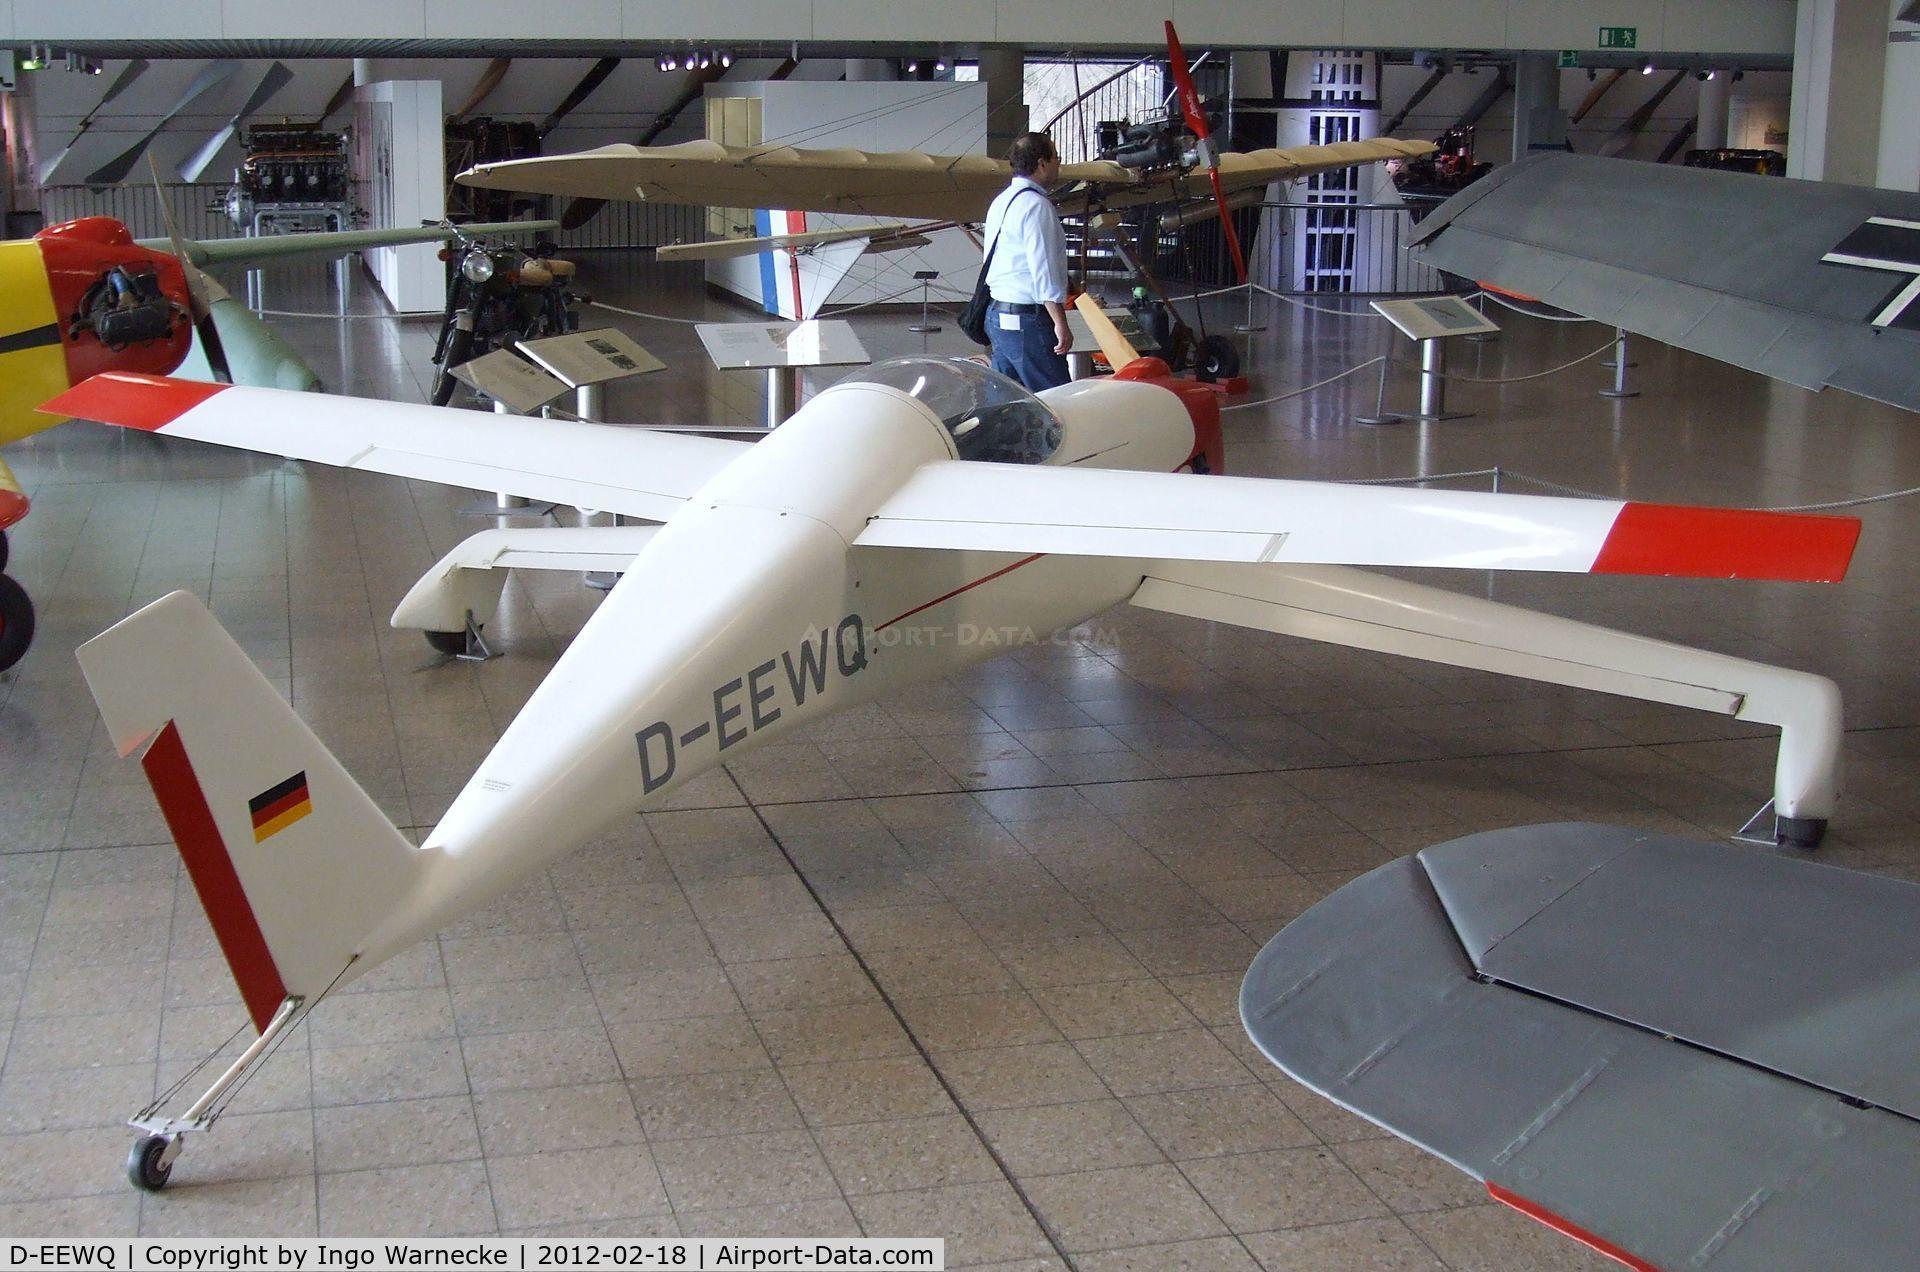 D-EEWQ, 1981 QAC Quickie Q1 C/N 1, Quickie Q1 at the Deutsches Museum, München (Munich)